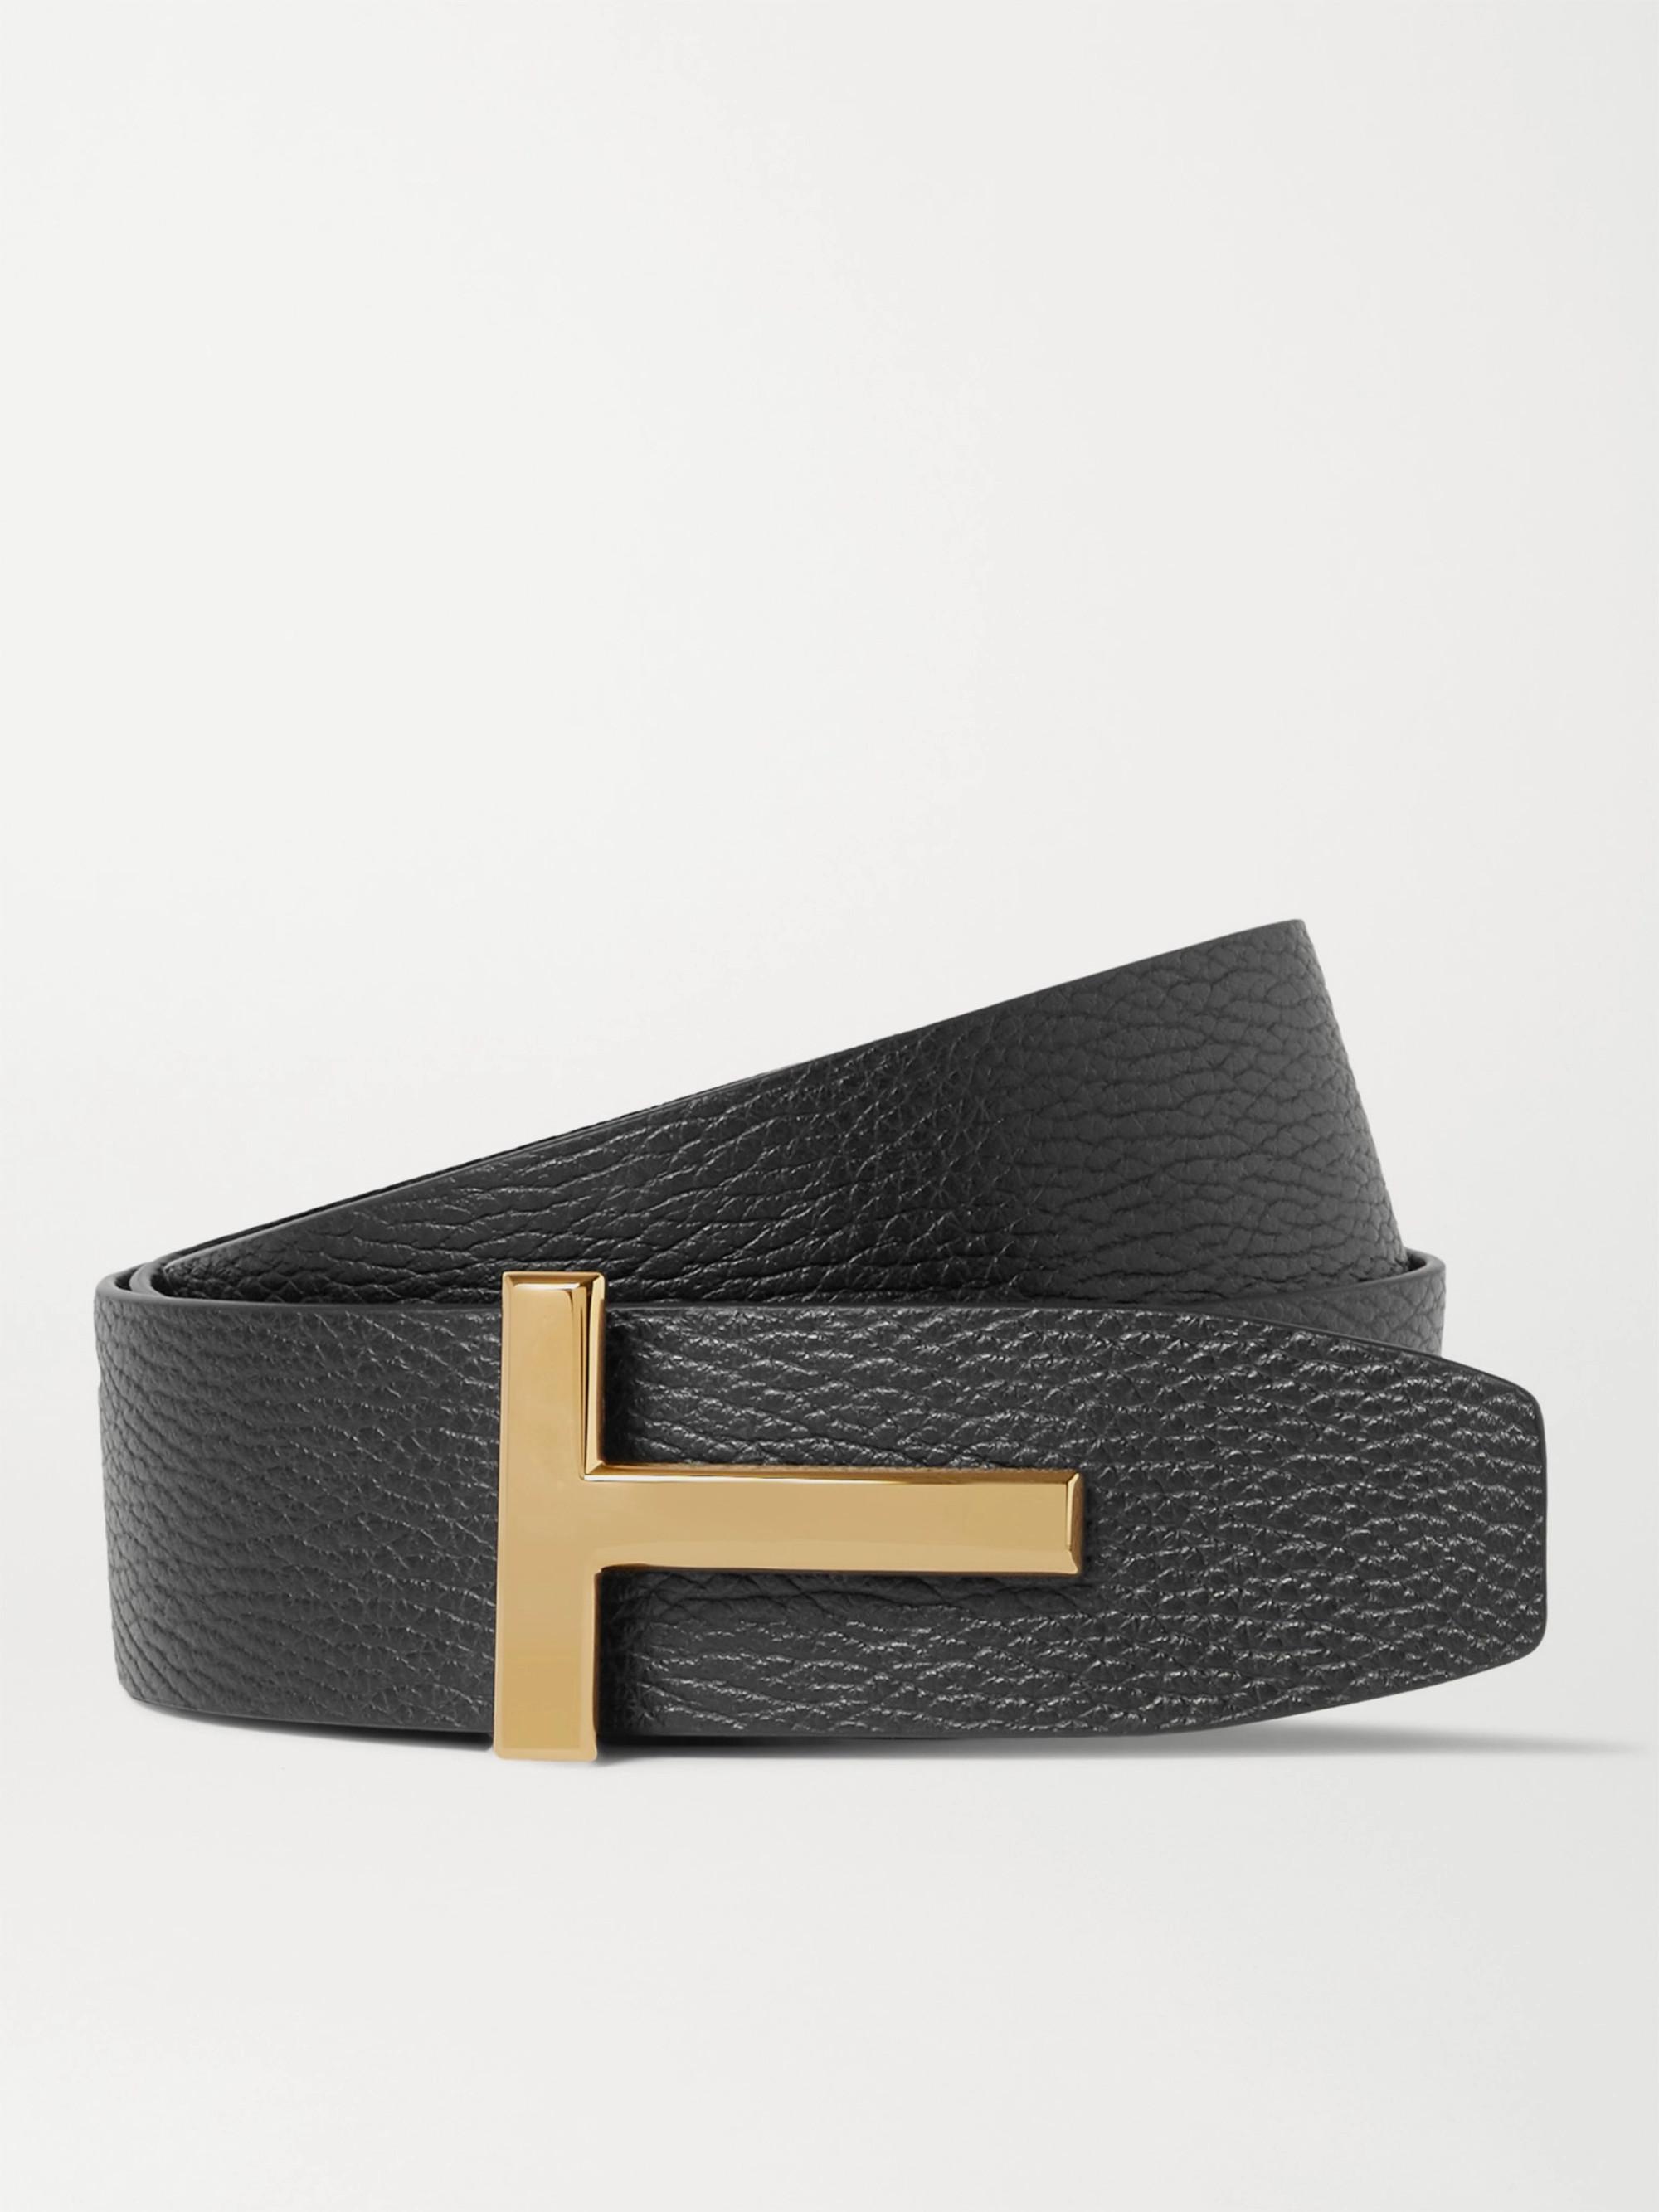 TOM FORD 4cm Black and Dark-Brown Reversible Full-Grain Leather Belt